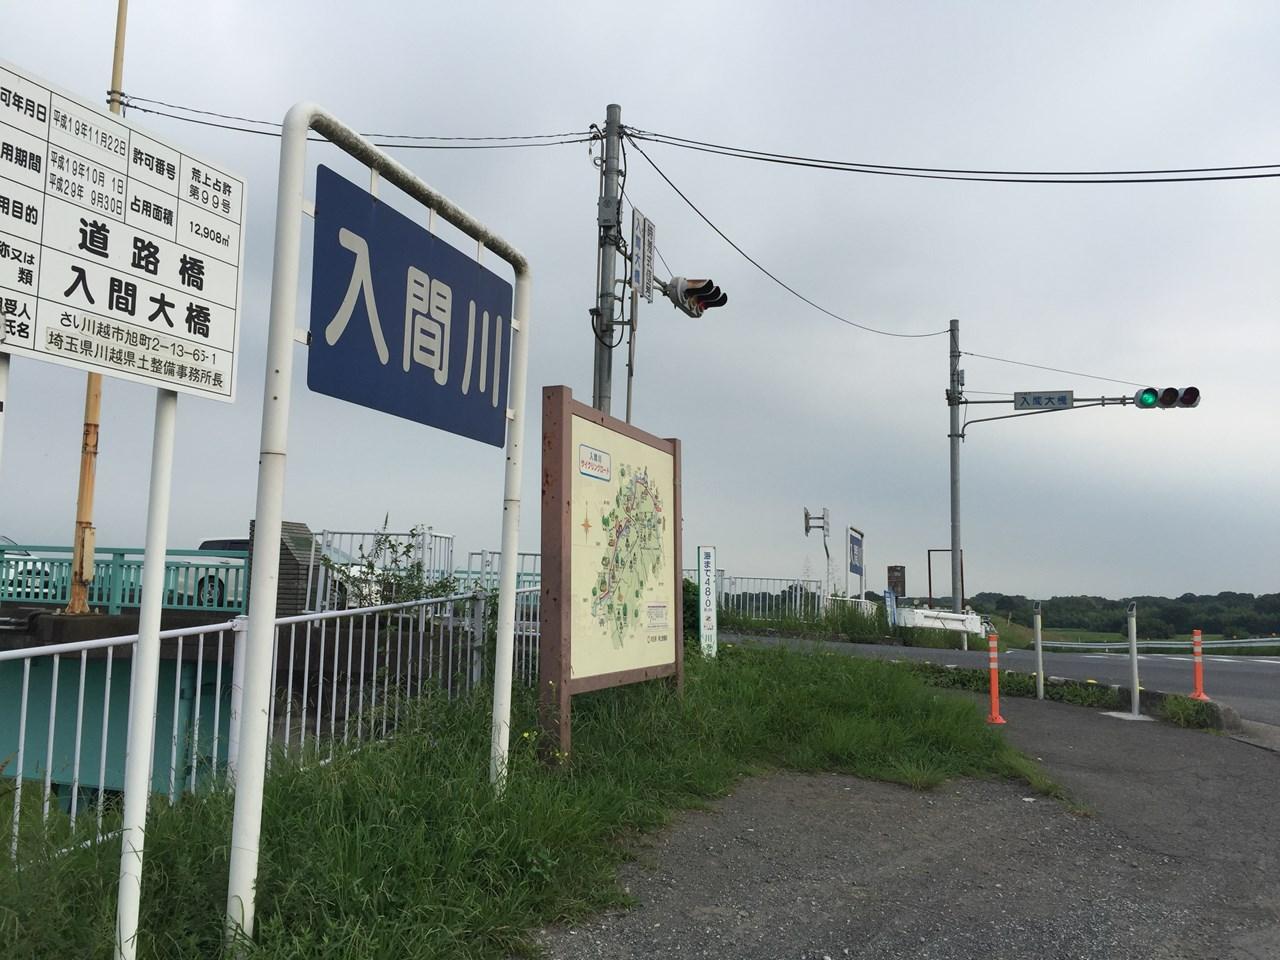 20170826_Arakawa Long Run (4)